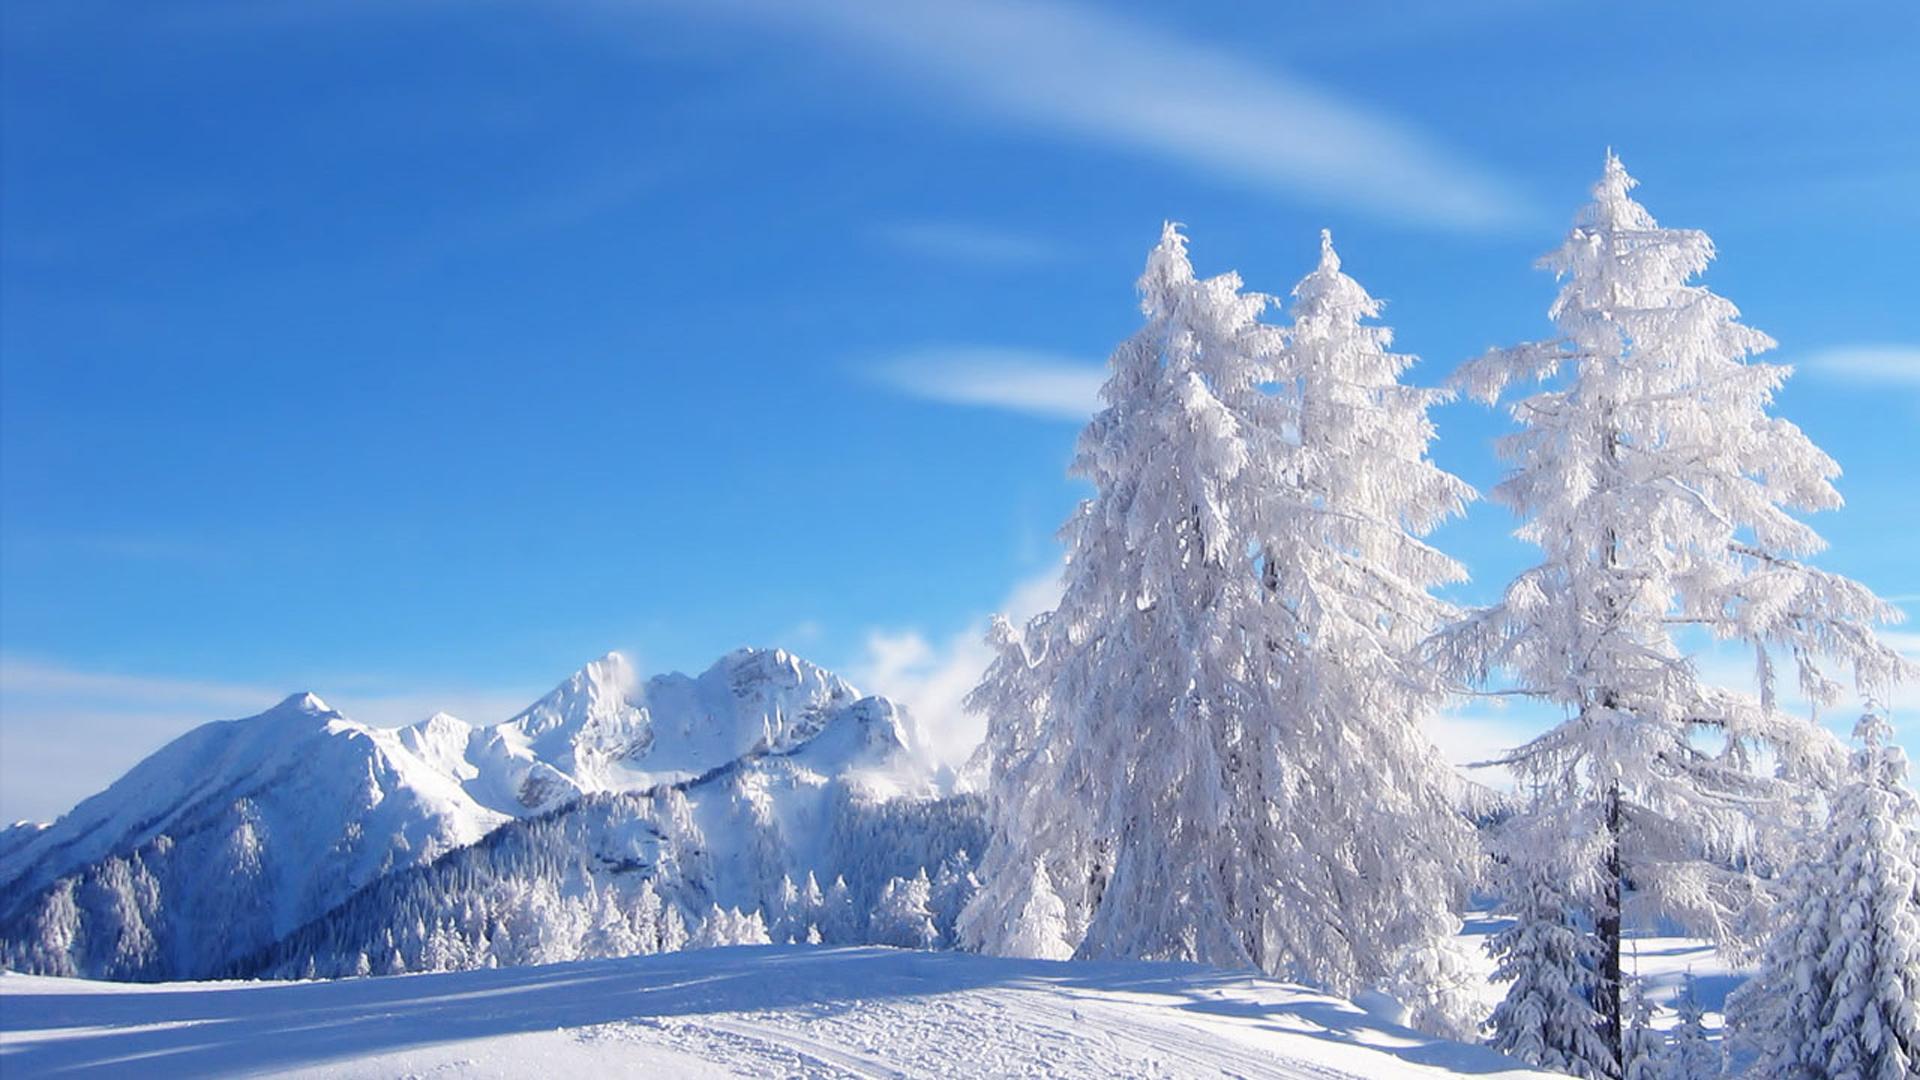 красивые обои для рабочего стола во весь экран зима № 208902 бесплатно